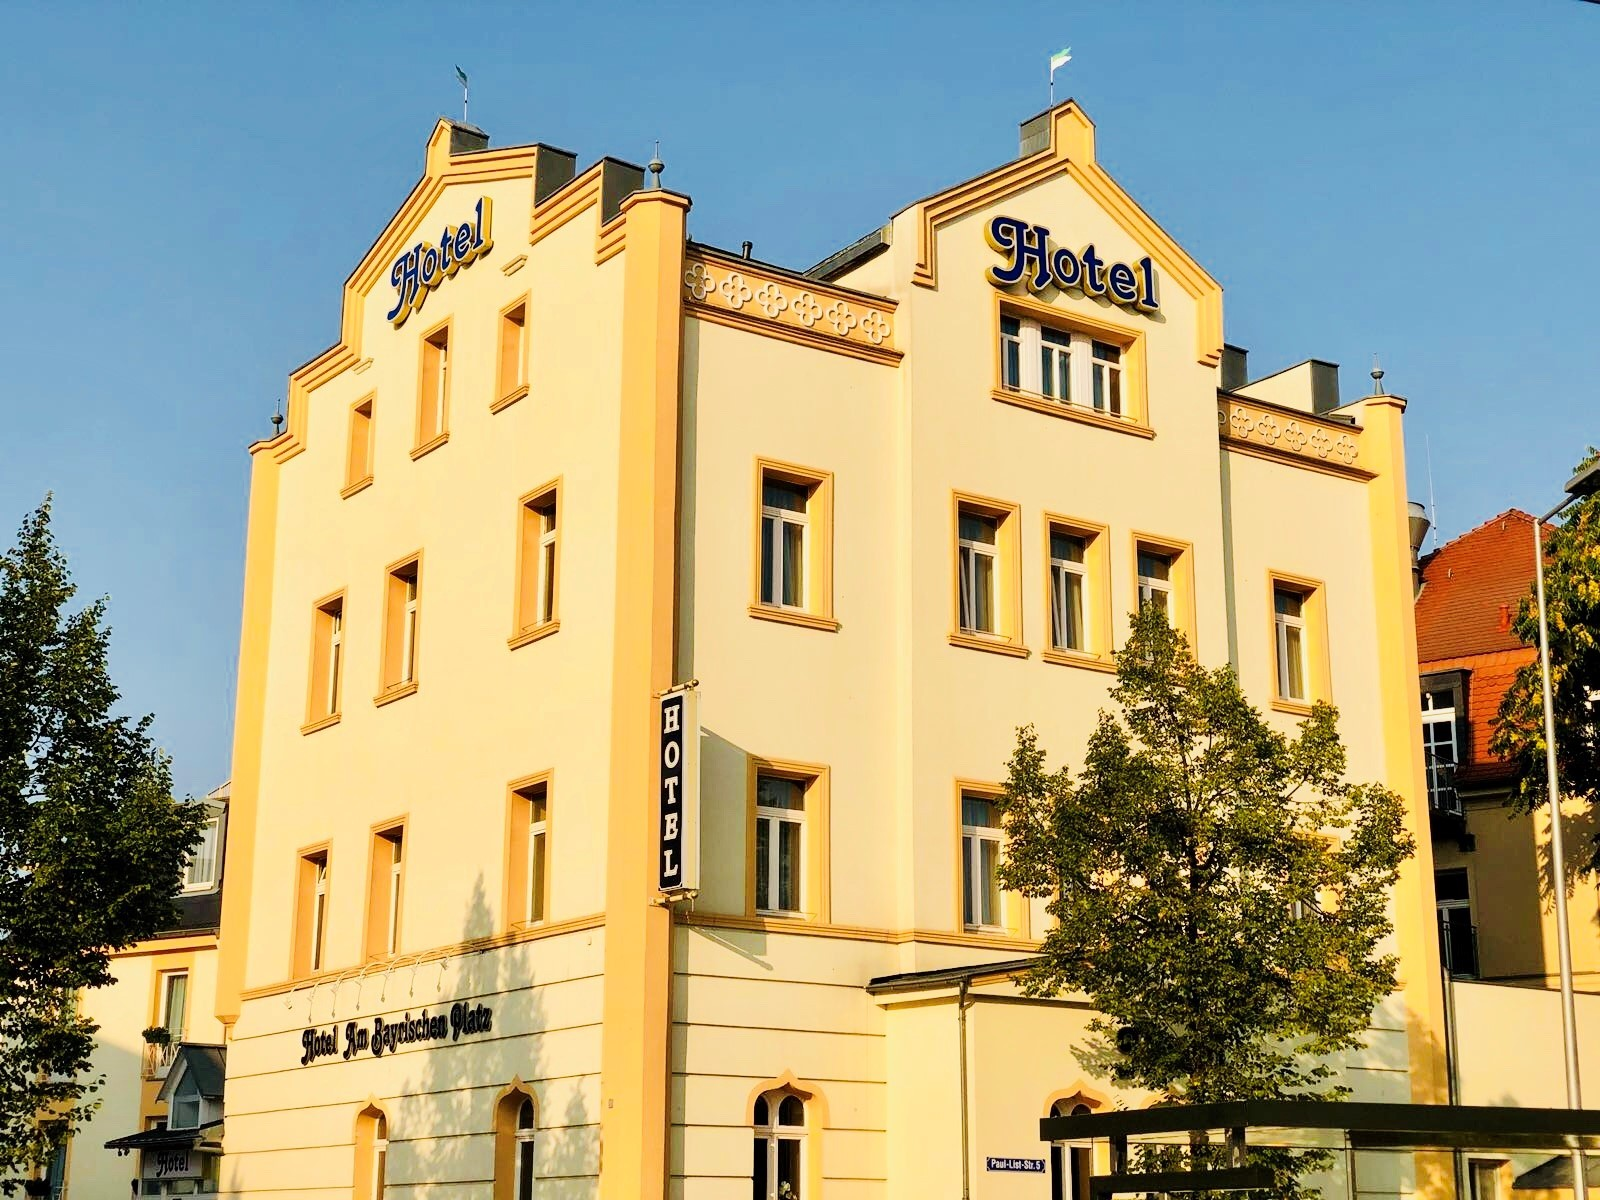 Völkerschlachtdenkmal In Leipzig Hotels In Der Nähe Auf Hotel De